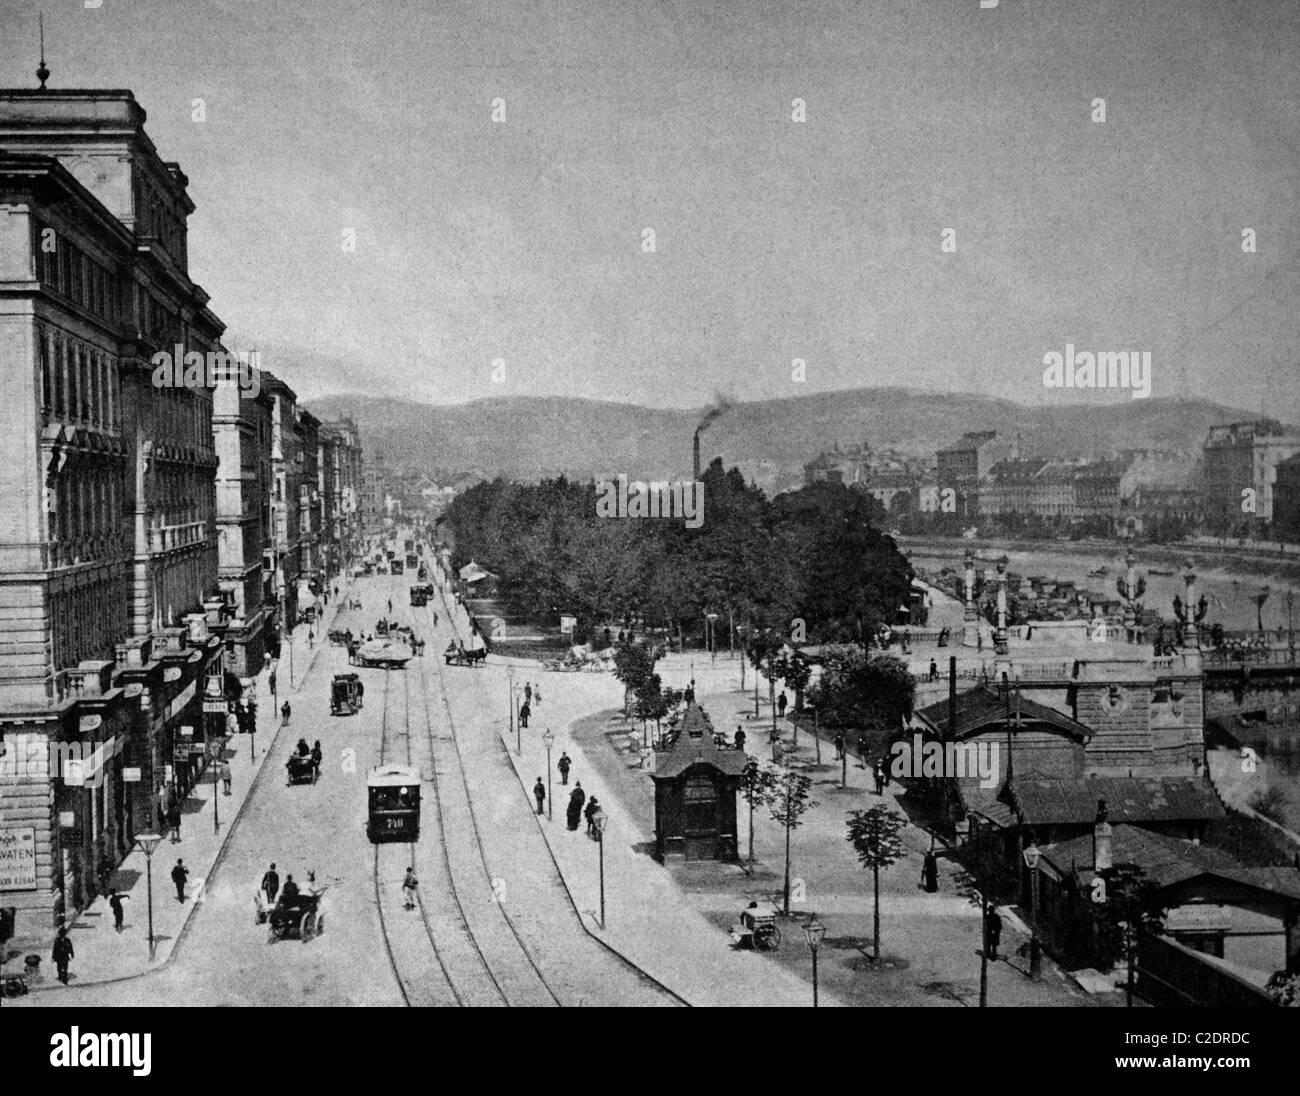 Una delle prime stampe di Autotype, Franz-Josefs-Kai wharf, fotografia storica, 1884, Vienna, Austria, Europa Immagini Stock